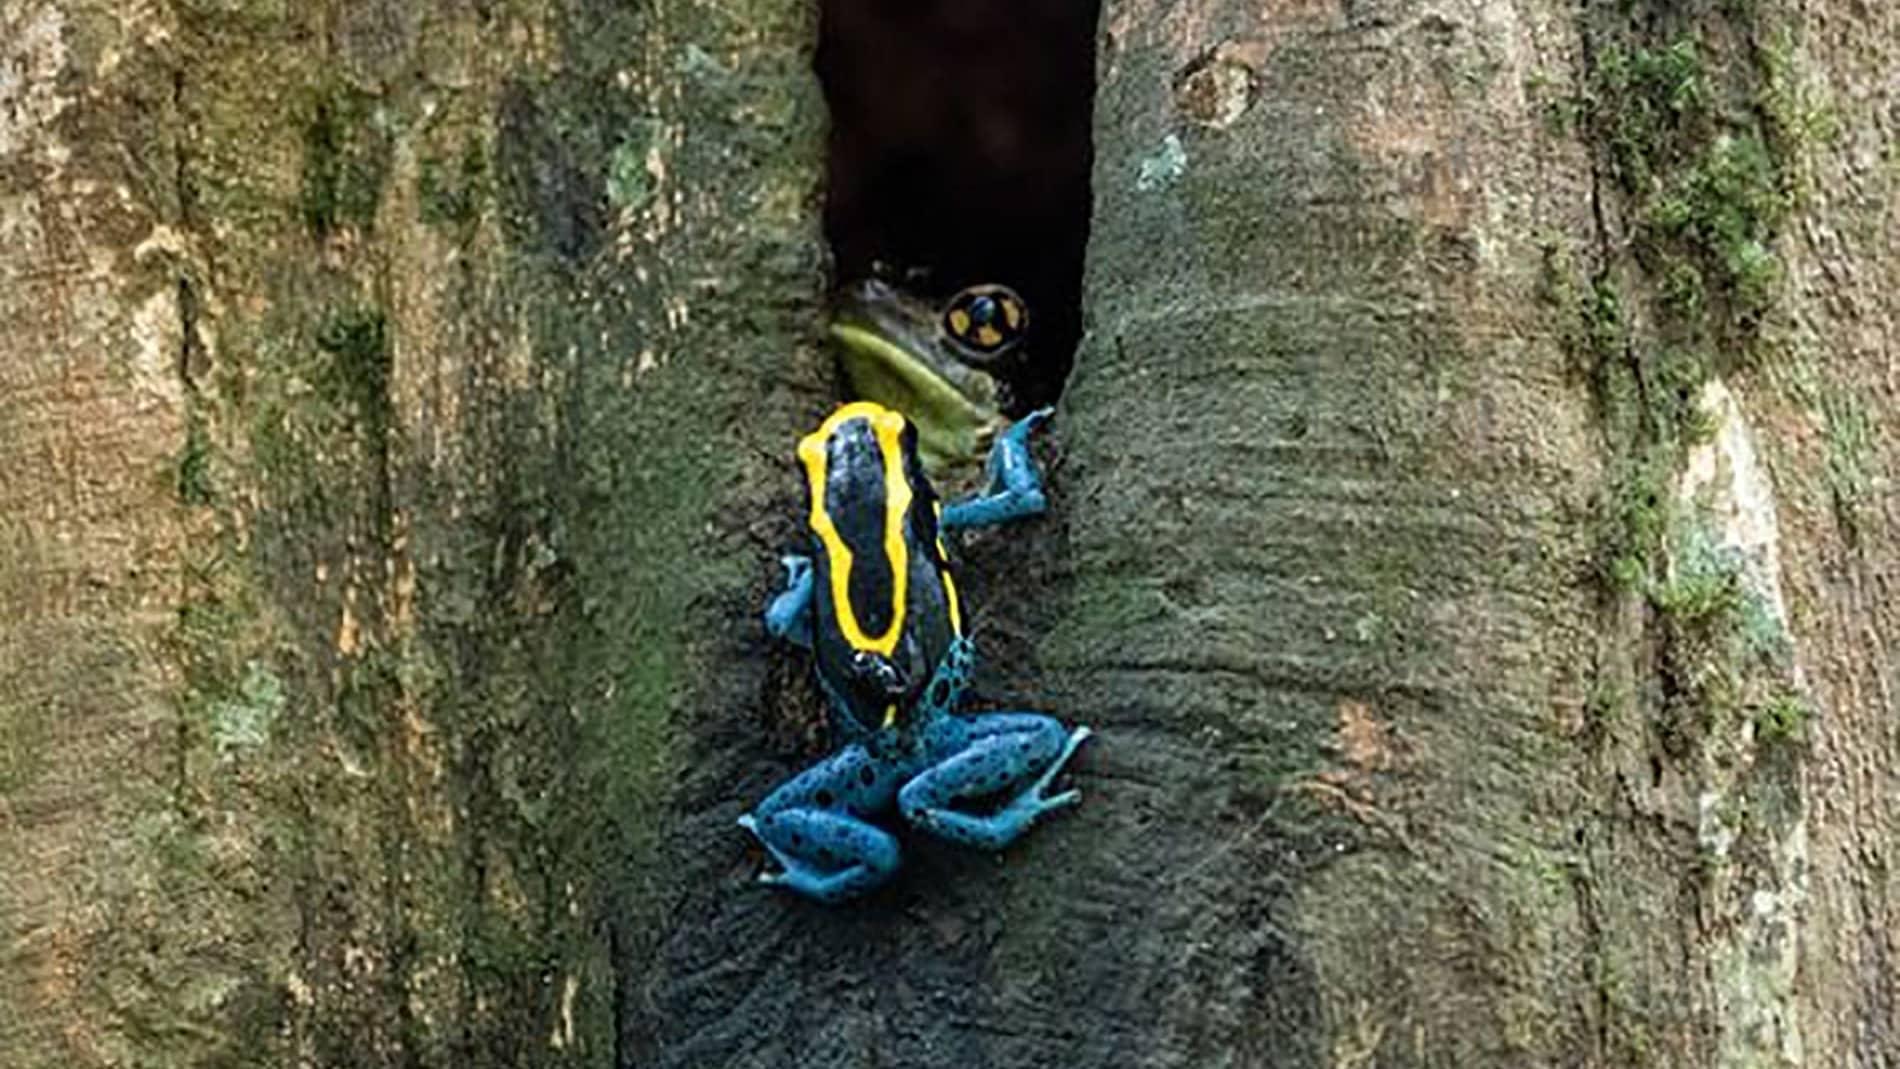 Sammakkokoiras kuljettaa nuijapäitään.